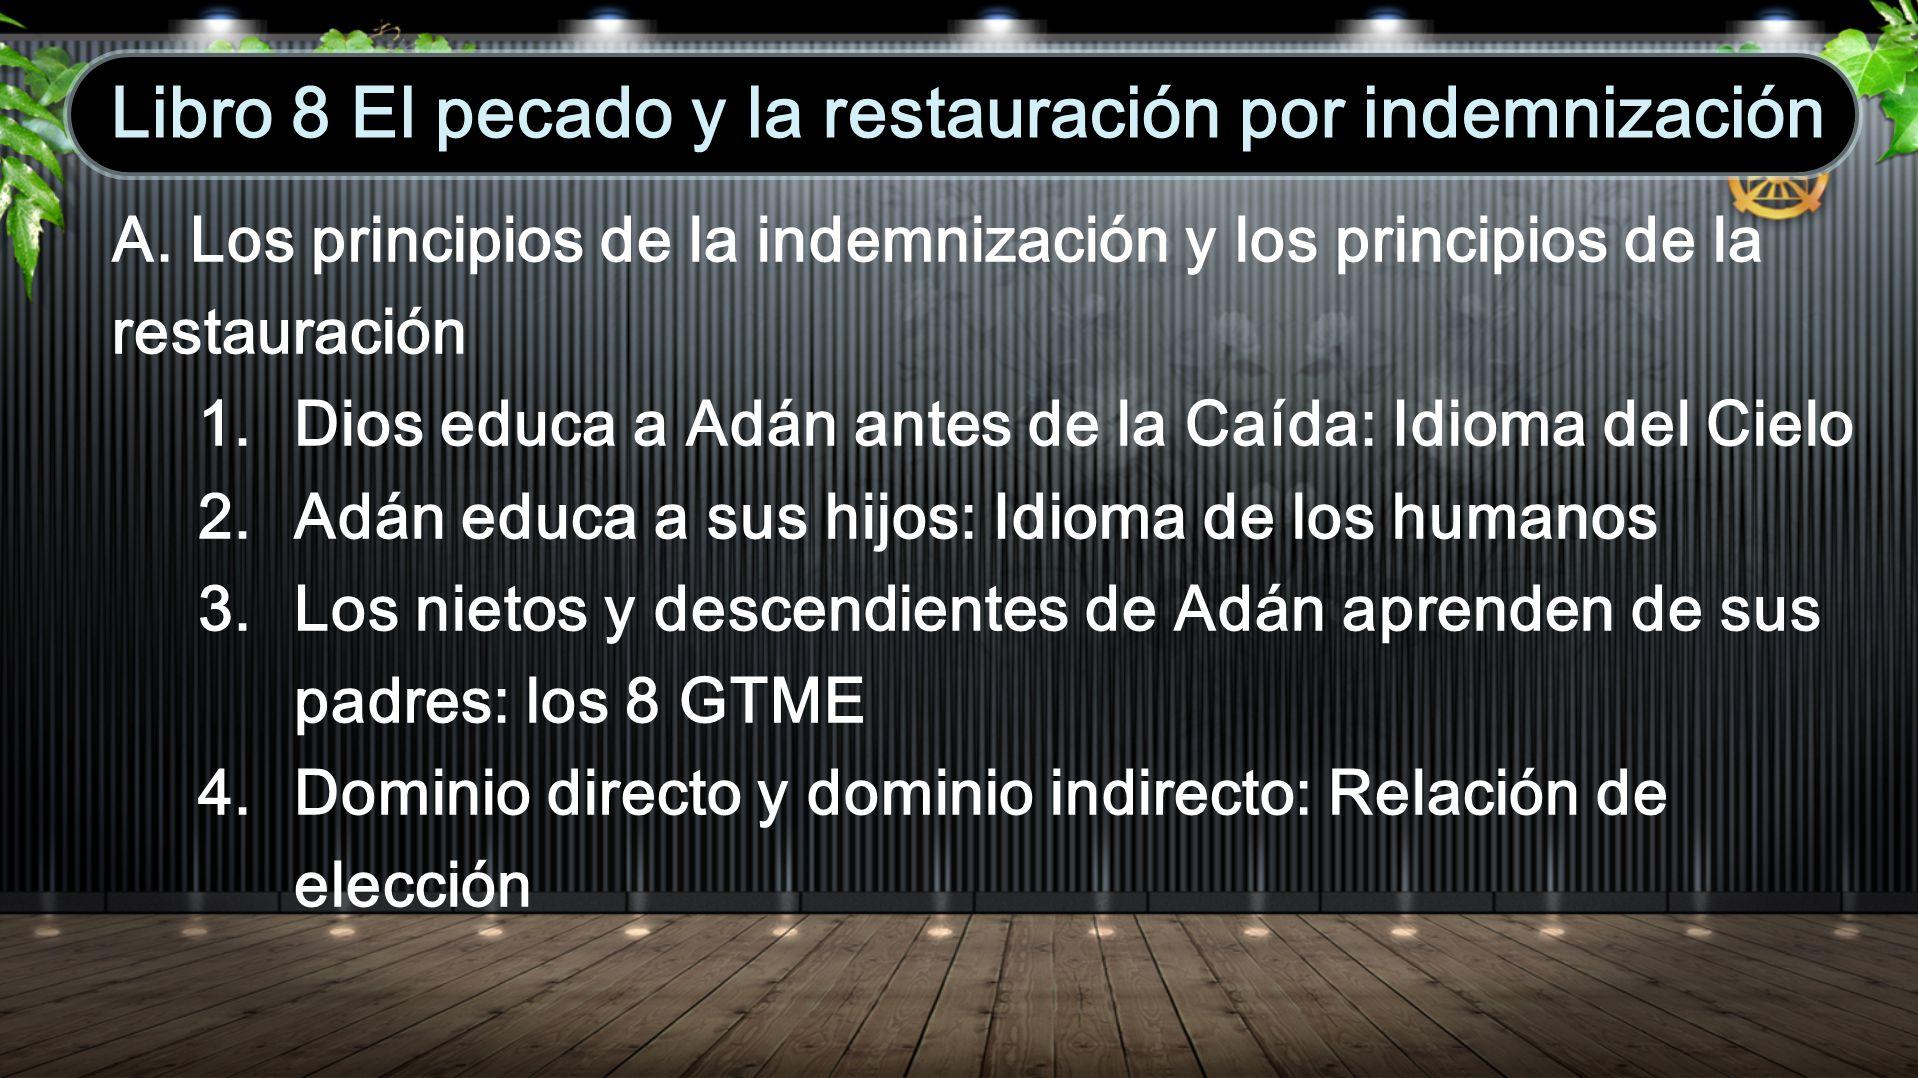 A. Los principios de la indemnización y los principios de la restauración 1. Dios educa a Adán antes de la Caída: Idioma del Cielo 2. Adán educa a sus